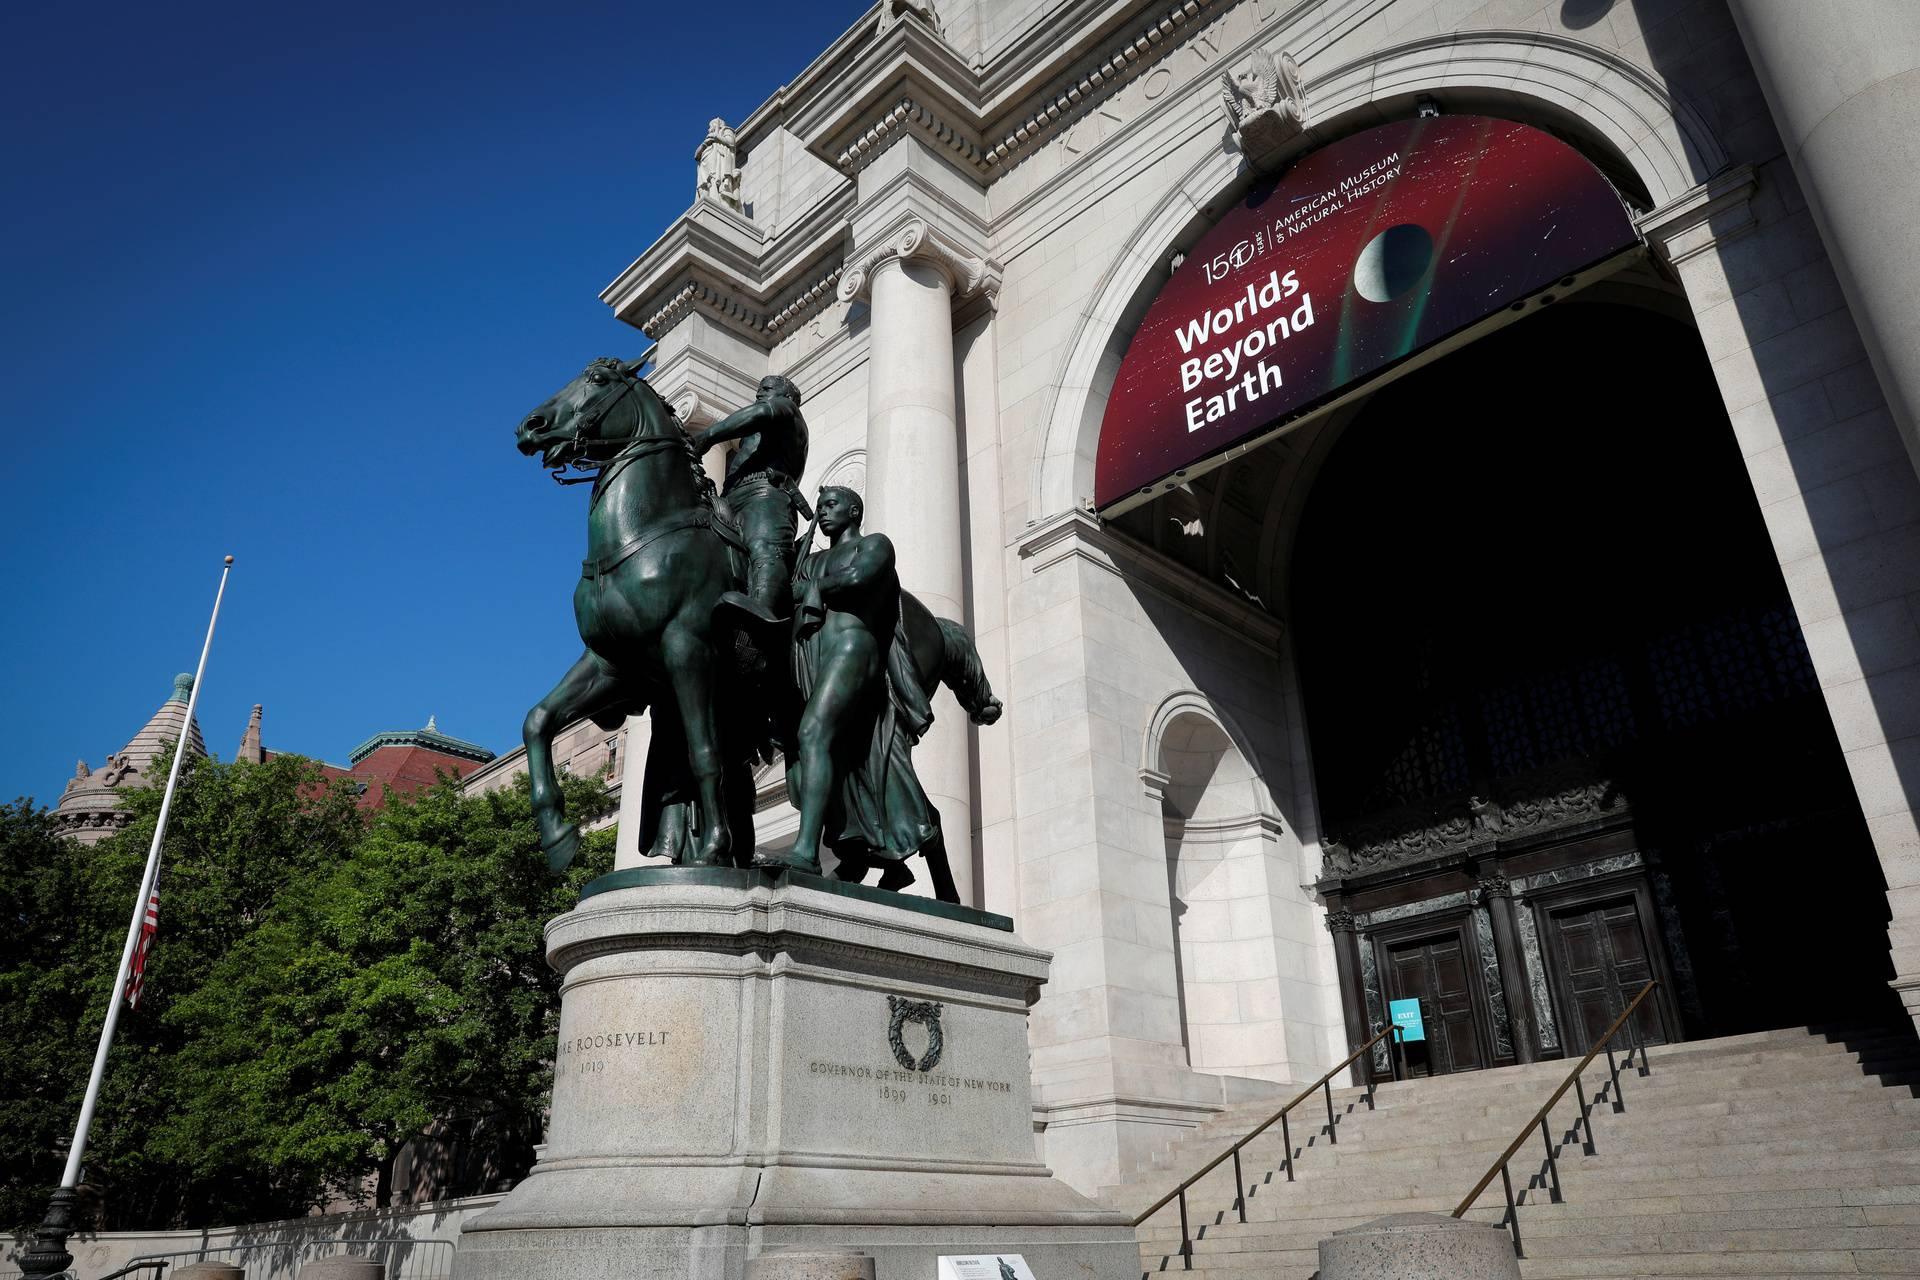 New York će ukloniti kip bivšeg predsjednika T.  Roosevelta zbog rasizma, Trump se protivi odluci